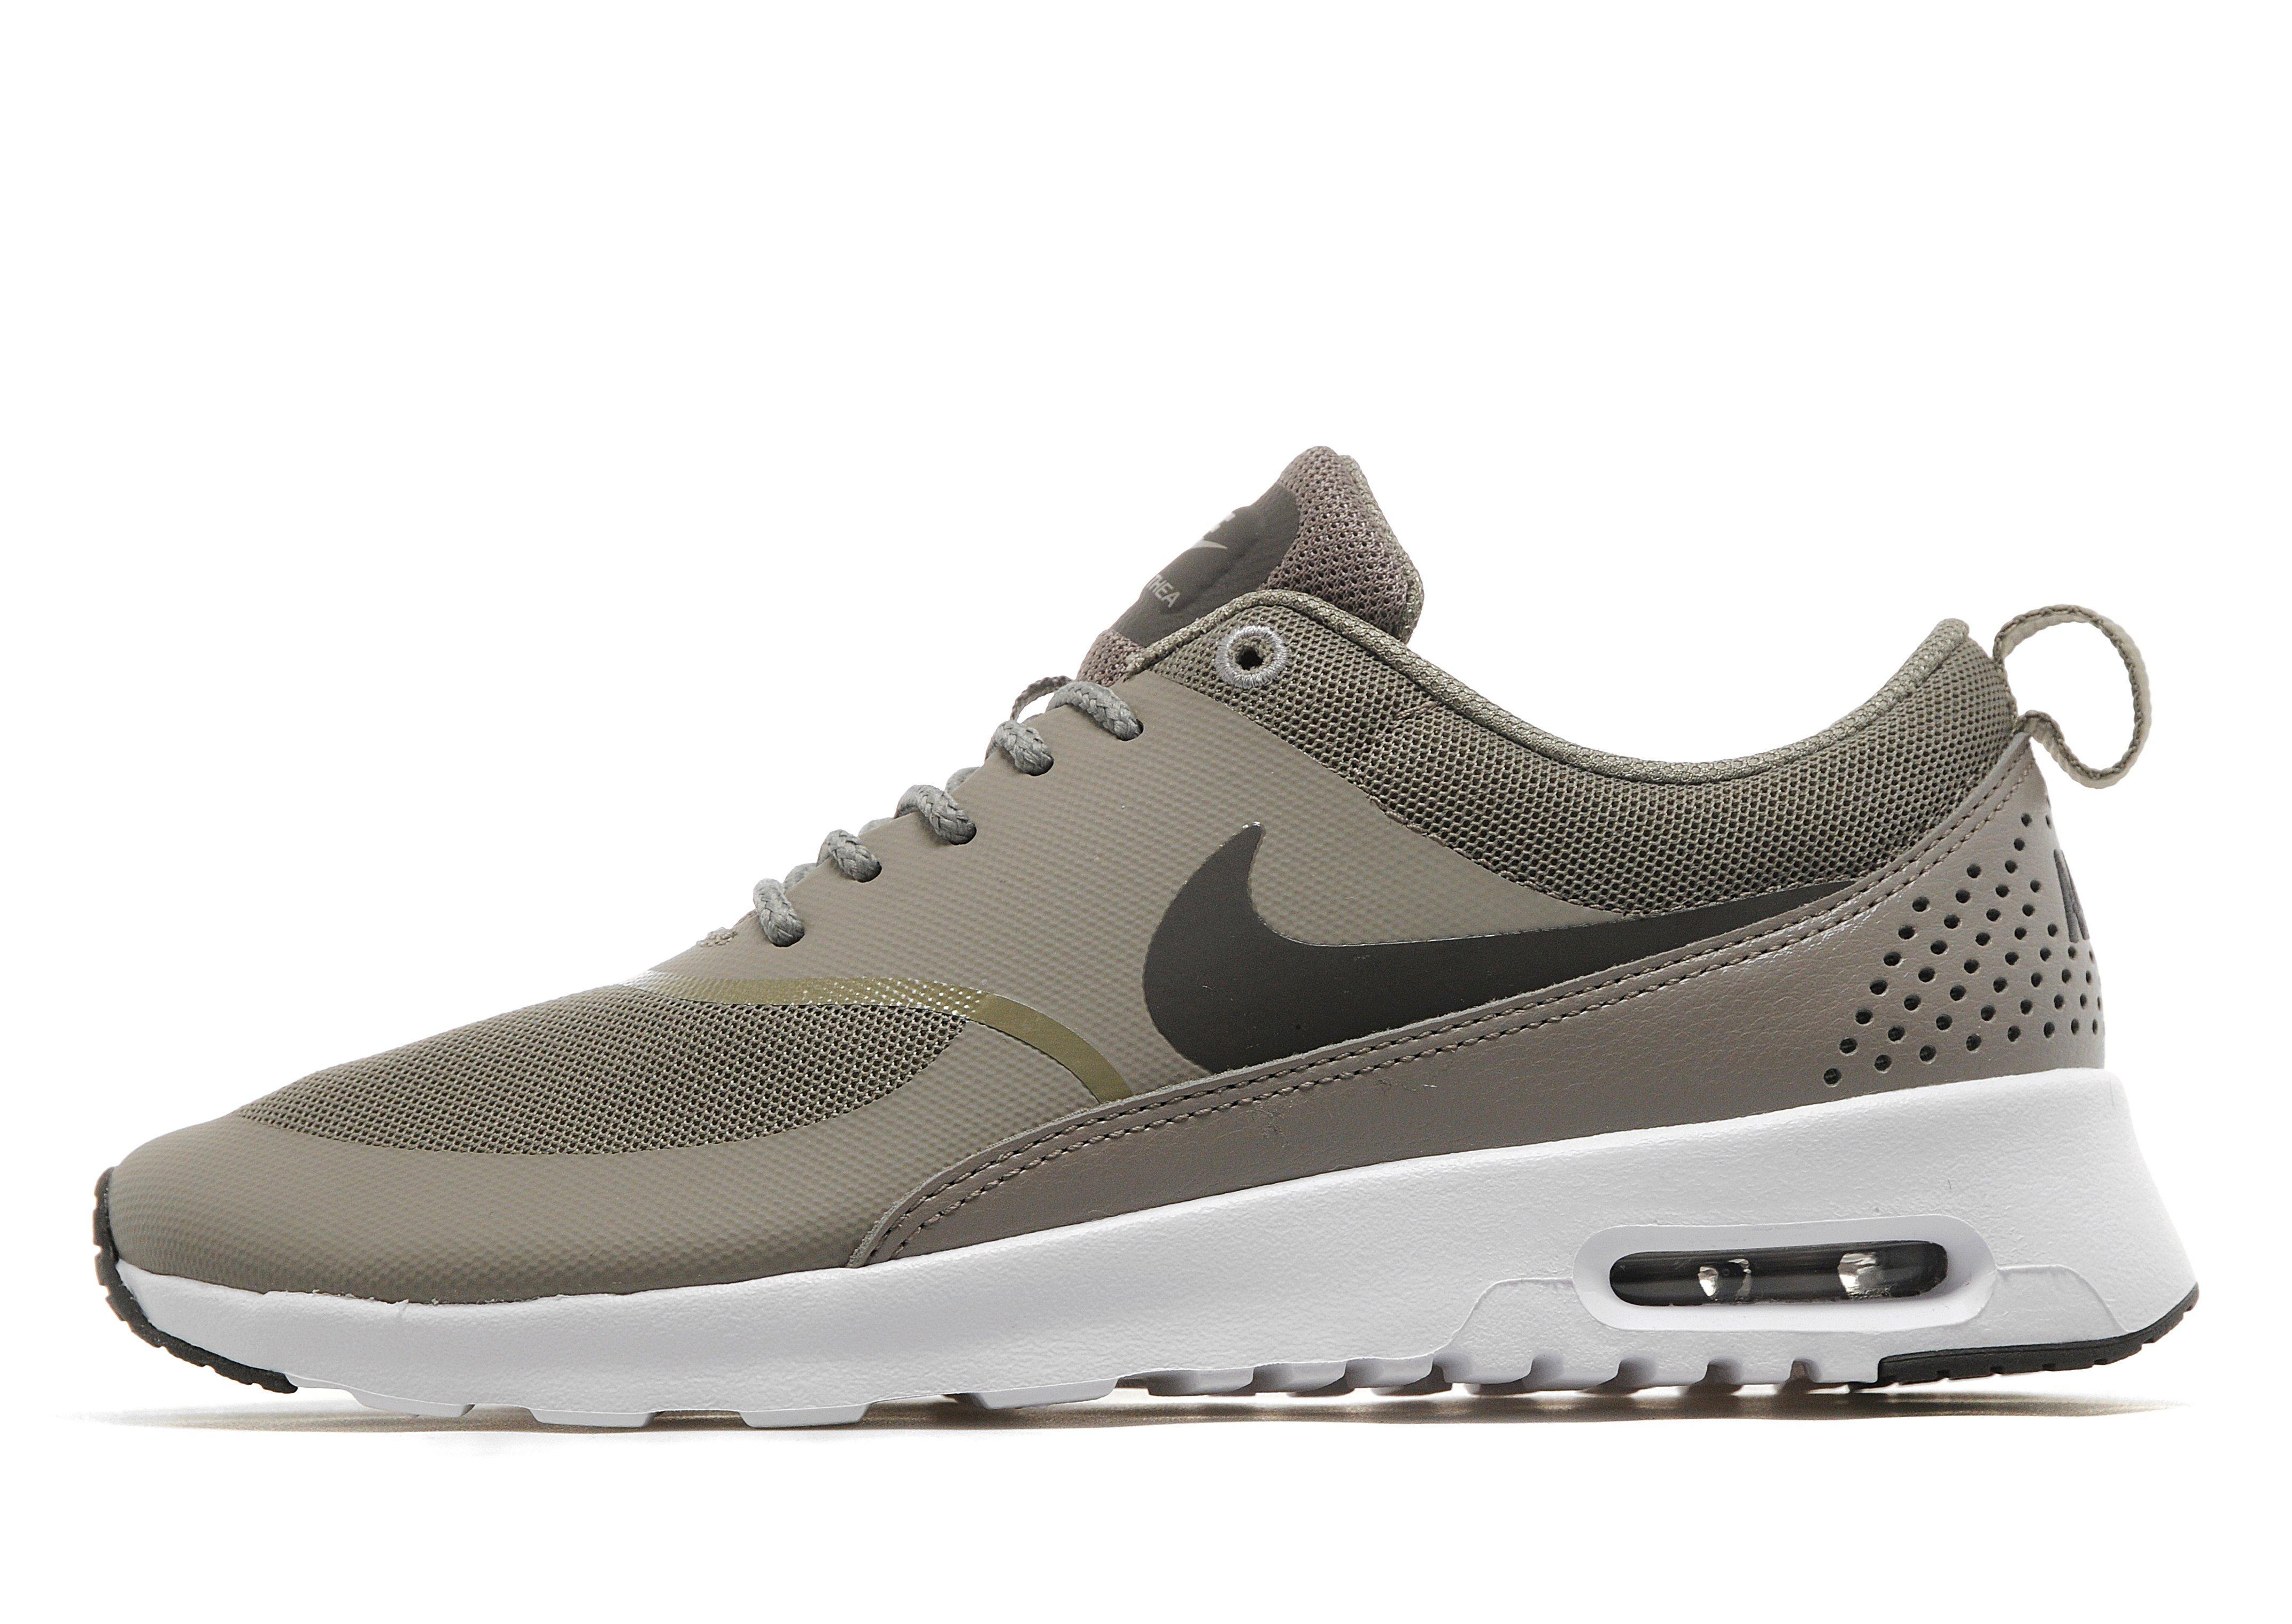 Nike Air Max Thea Bruin